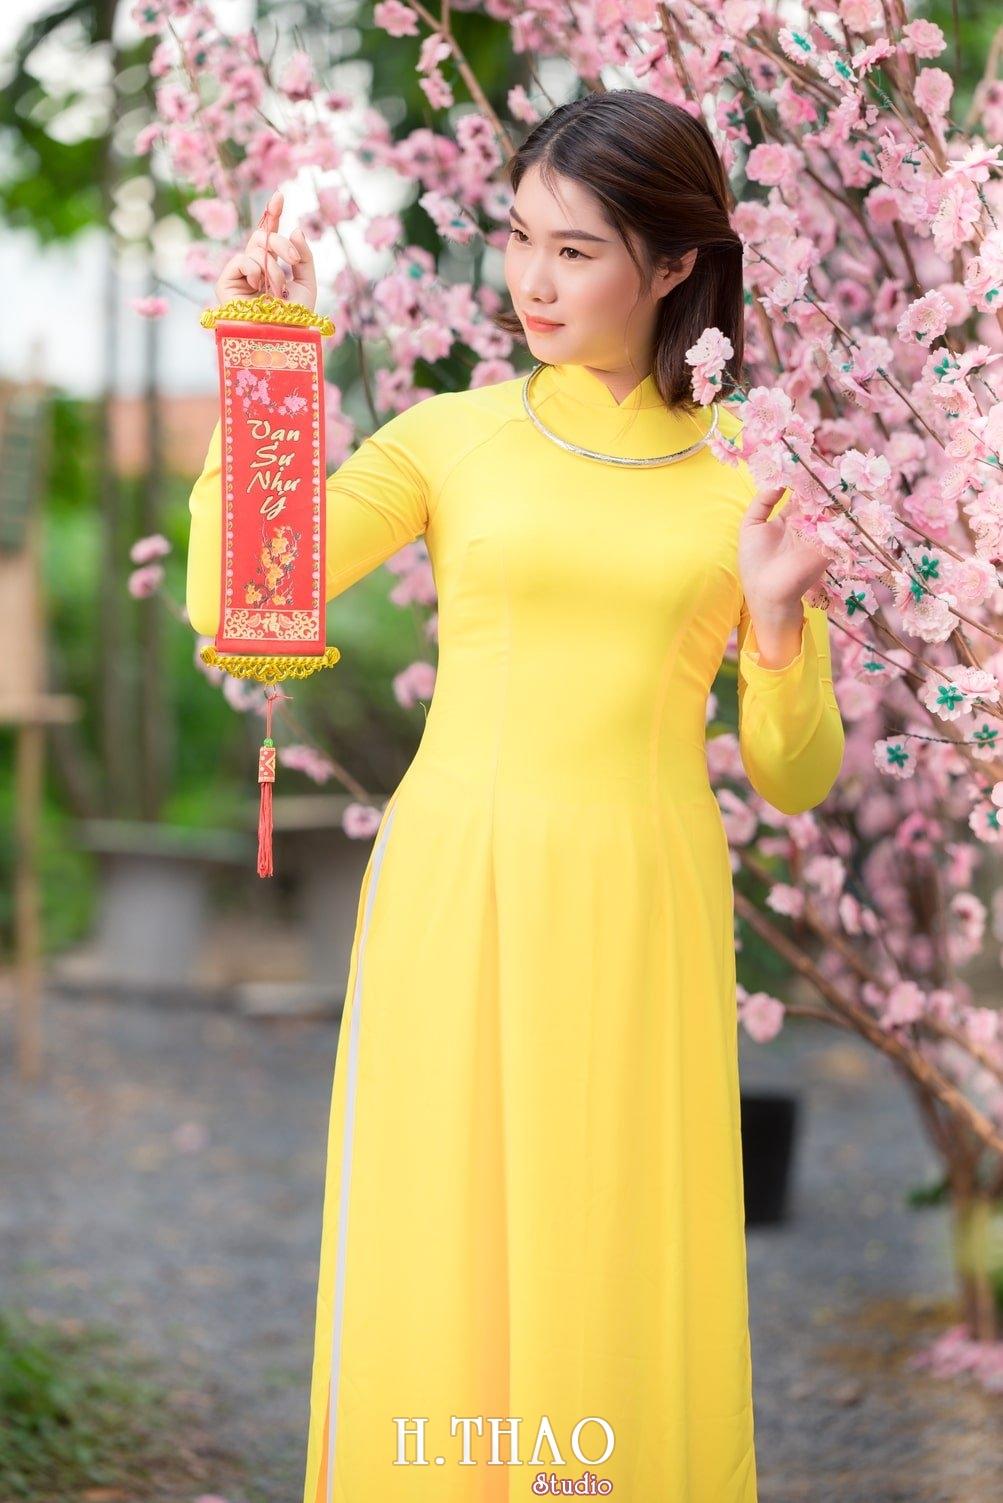 Ao dai tet 8 - Top 40 ảnh áo dài chụp với Hoa đào, hoa mai tết tuyệt đẹp- HThao Studio